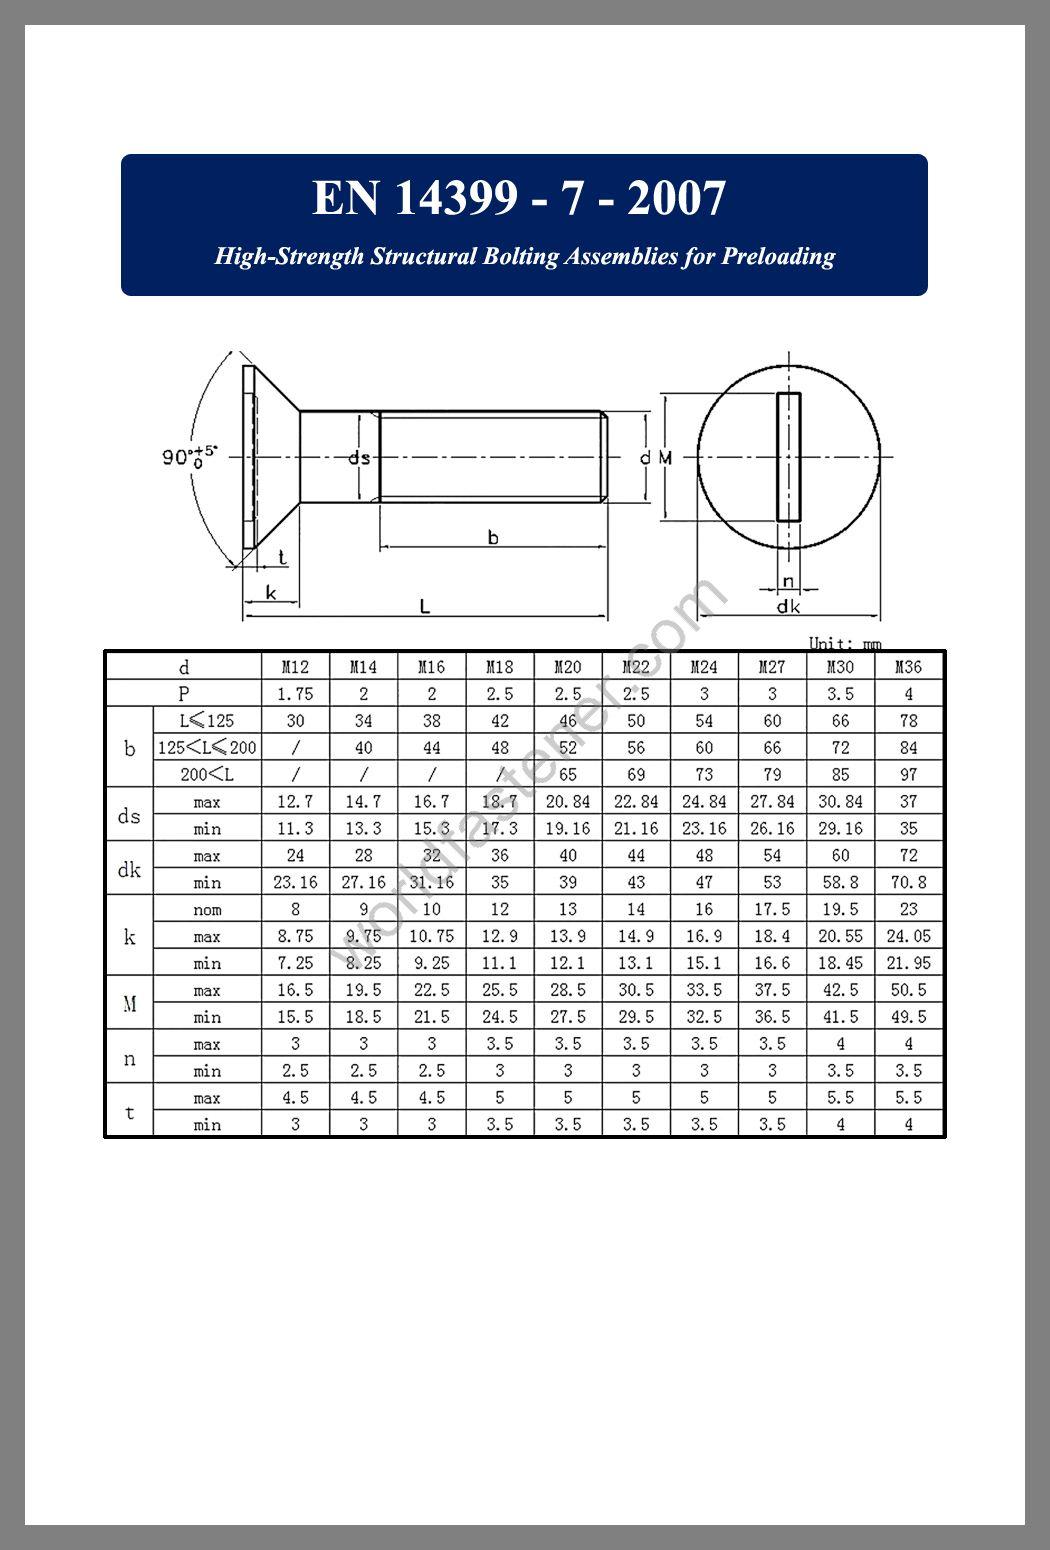 EN 14399-7 High Strength Structural Bolting Assemblies for Preloading, Countersunk Head Bolts, Countersunk Head Screws, fastener, screw, bolt, EN standard bolts, EN standard screws